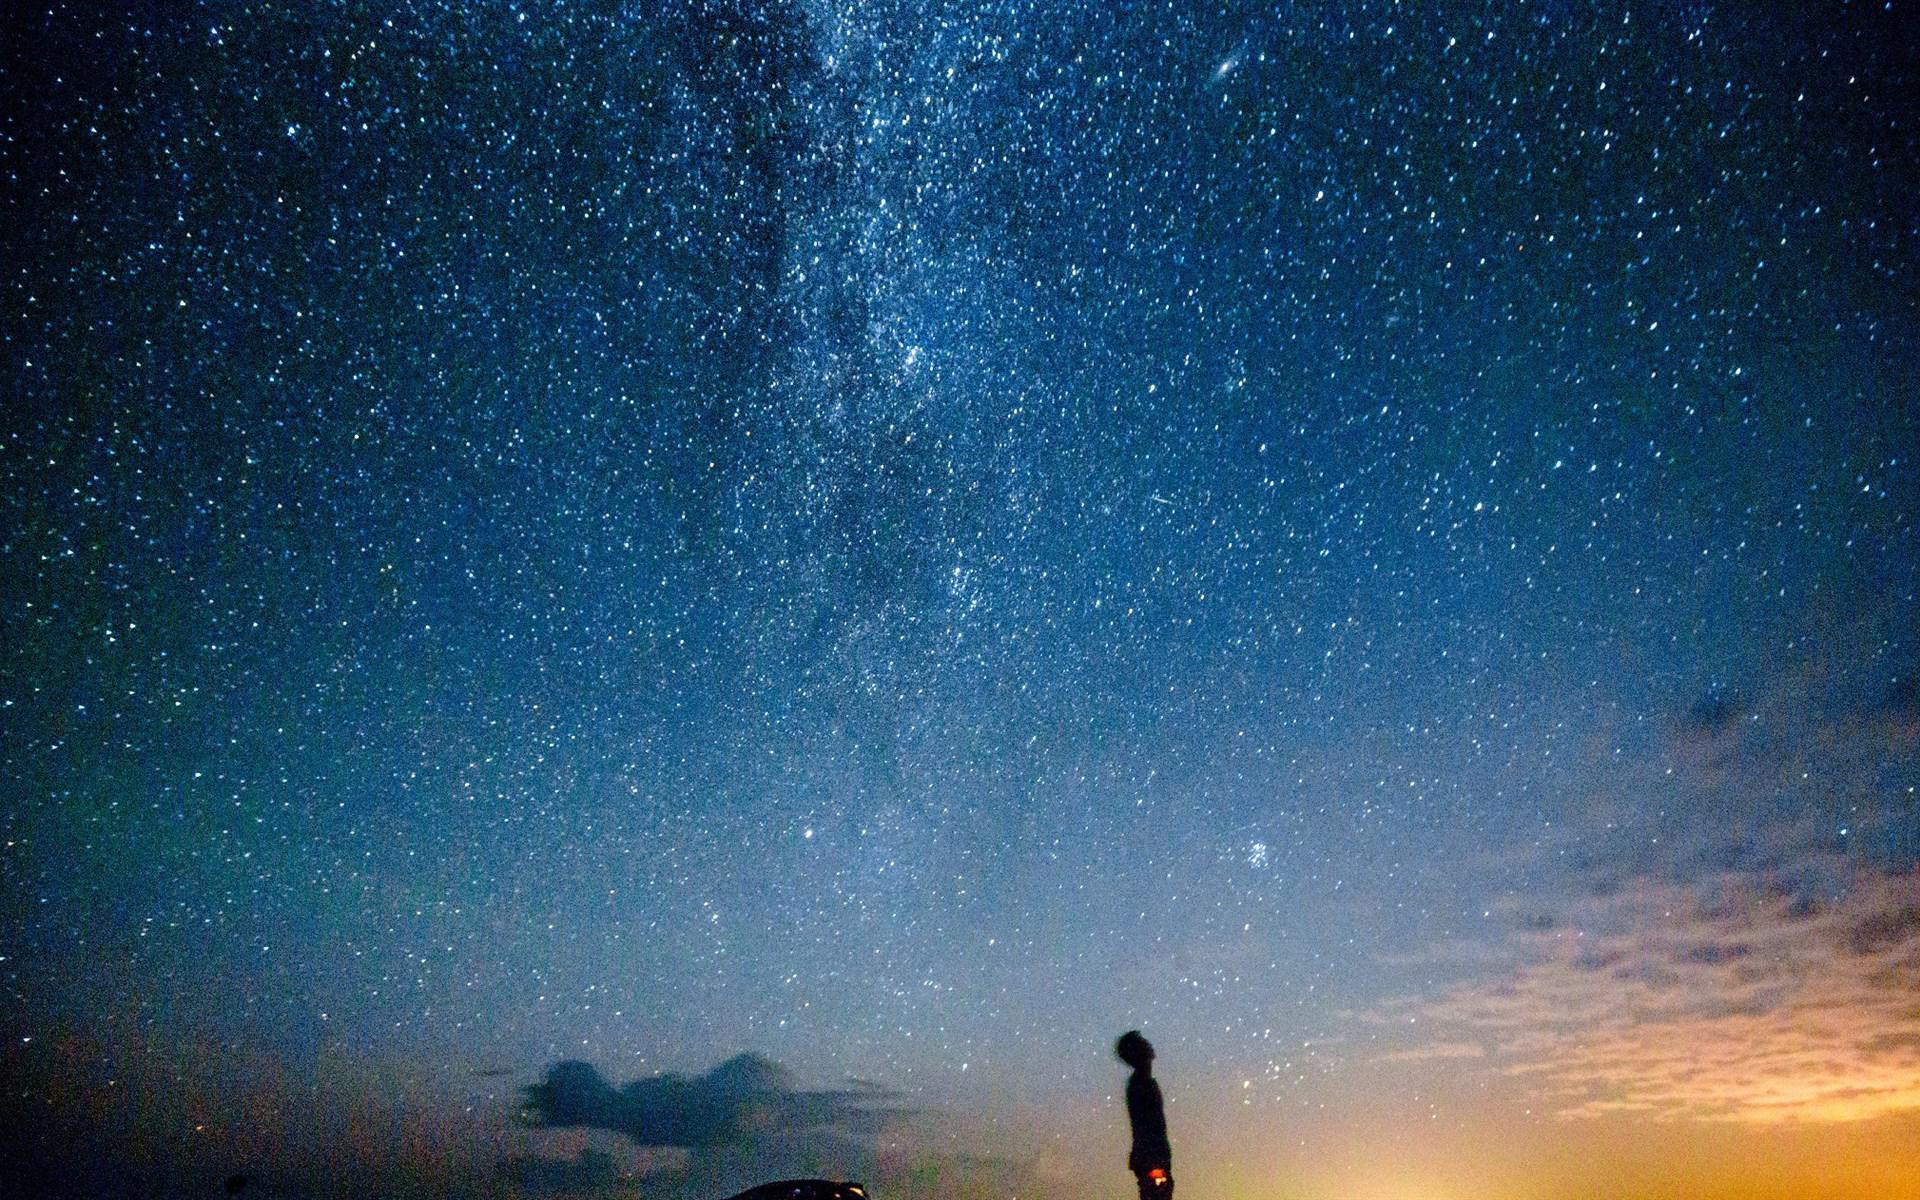 夜空繁星(钢琴曲)